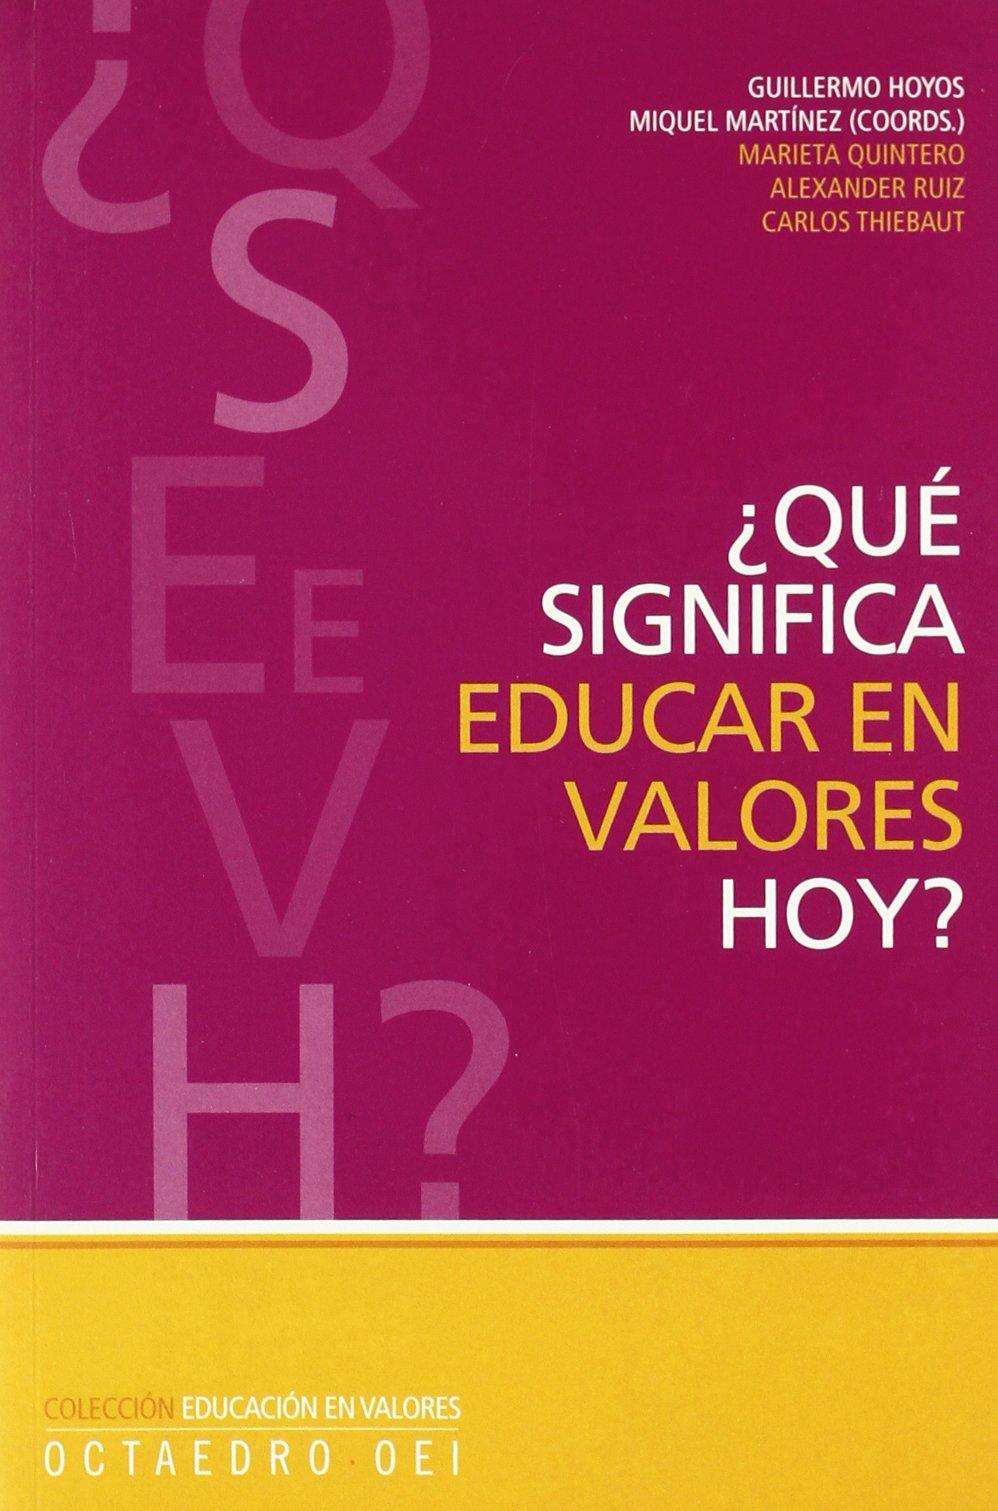 ¿Qué significa educar en valores hoy? Educación en valores: Amazon.es: Guillermo Hoyos Vásquez, Miquel Martínez Martín: Libros